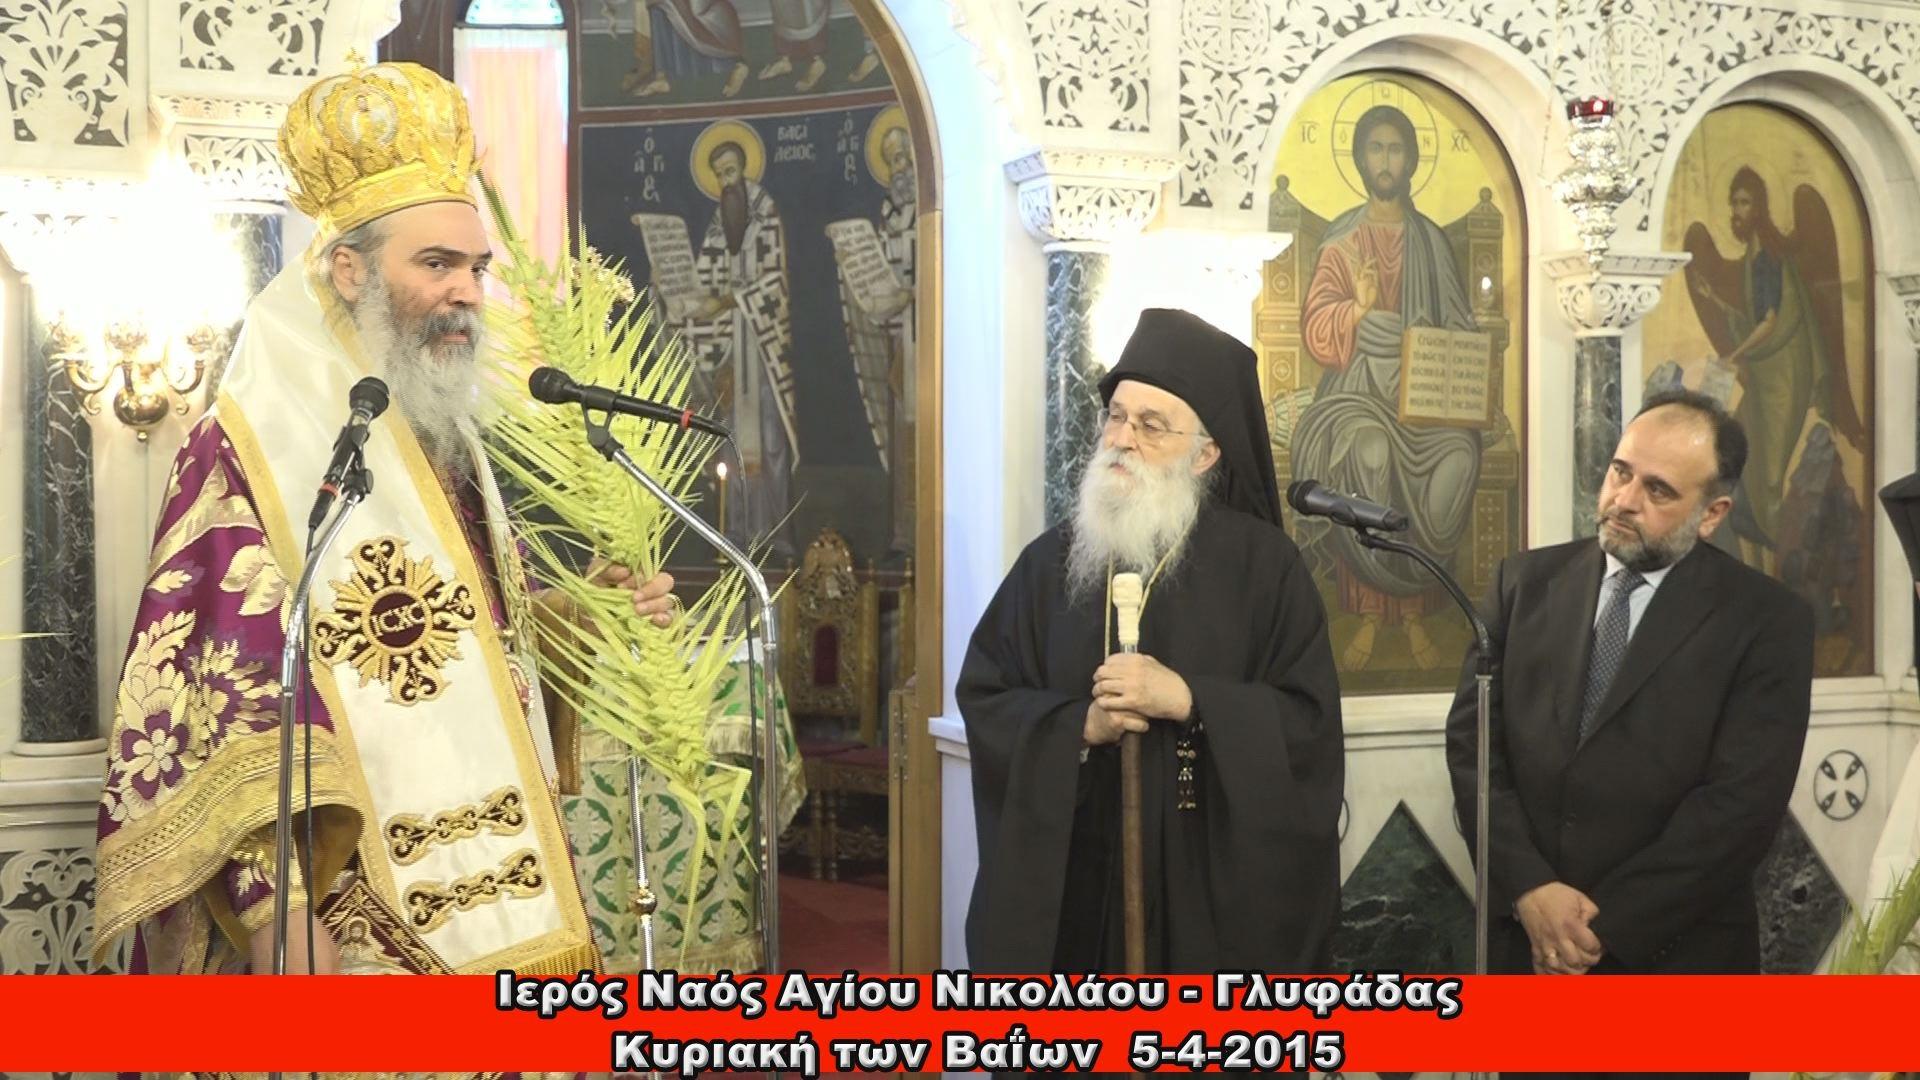 Ιερός Ναός Αγίου Νικολάου Γλυφάδας - Κυριακή των Βαΐων - Αρχιερατική Θεία Λειτουργία.